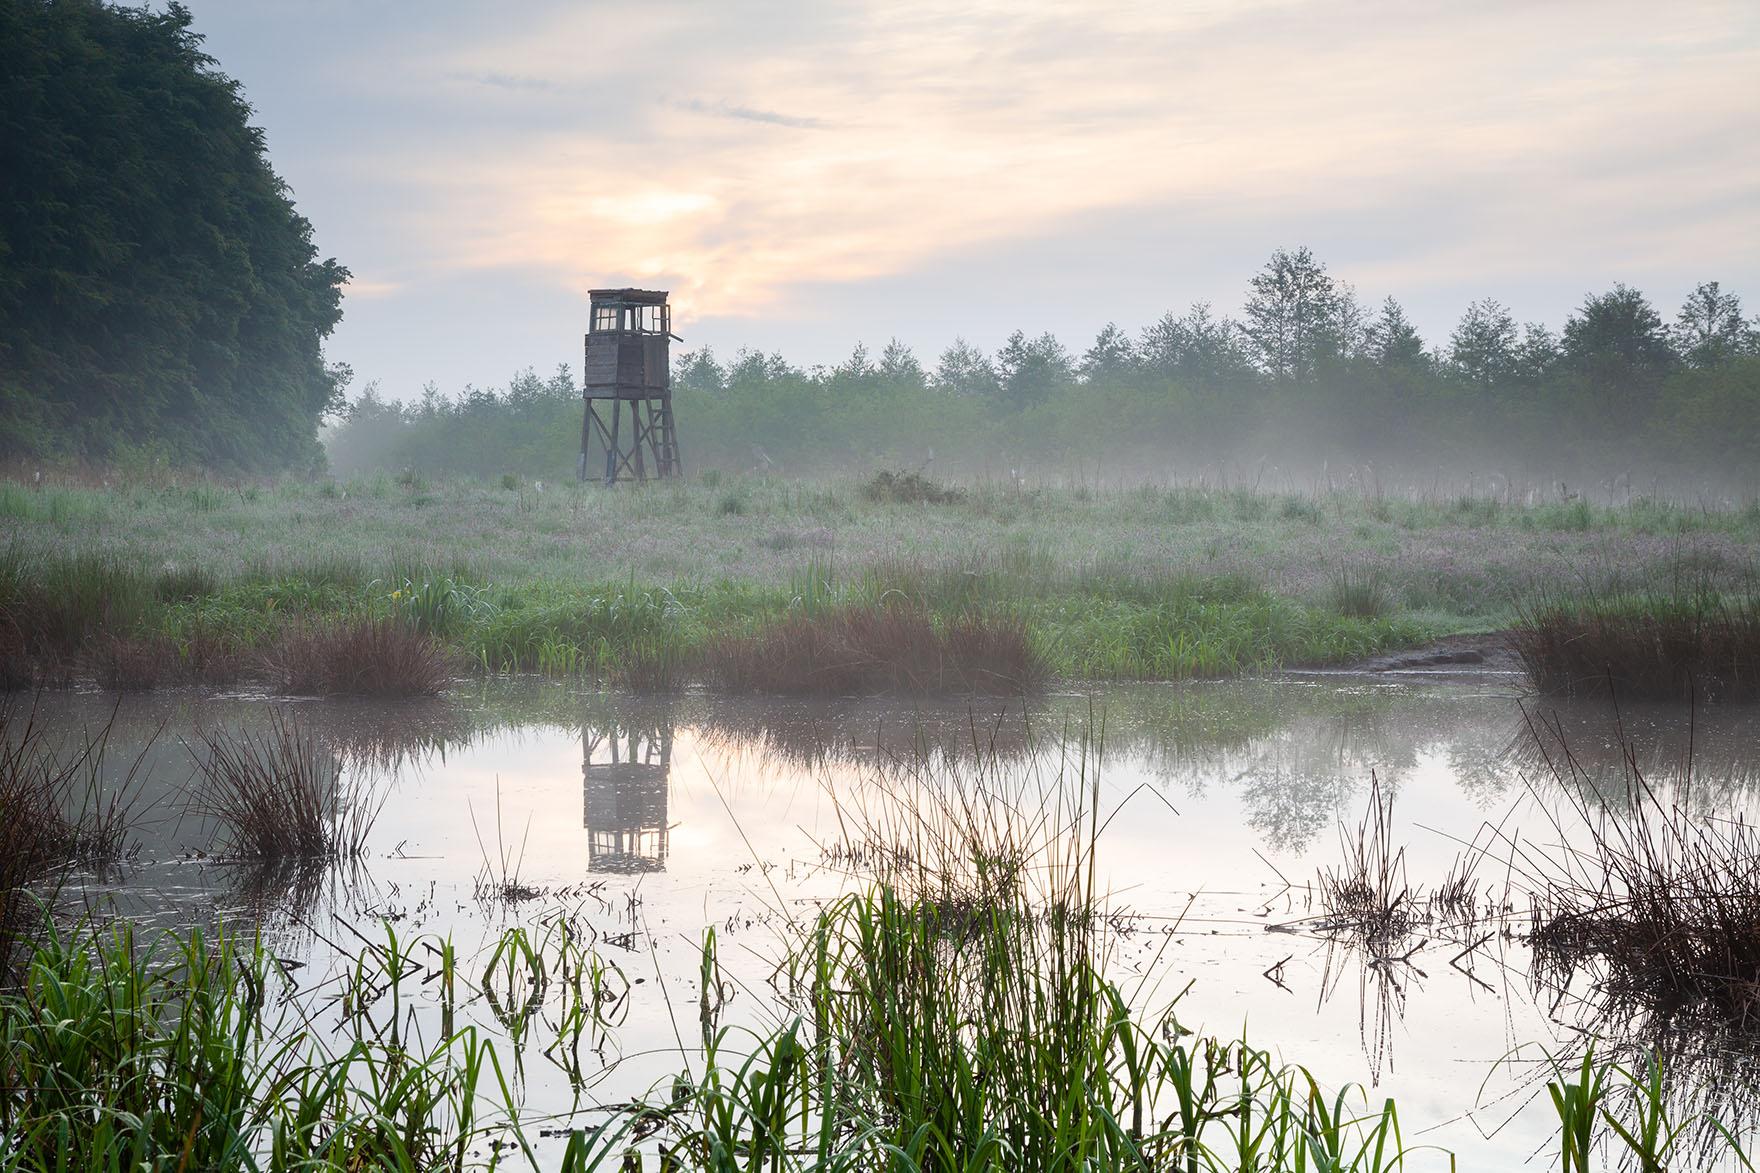 Kleiner Teich im Morgendunst mit dezentem Farbspiel in den Wolken. Die Spegelung des Hochsitzes bietet das gewisse Extra.